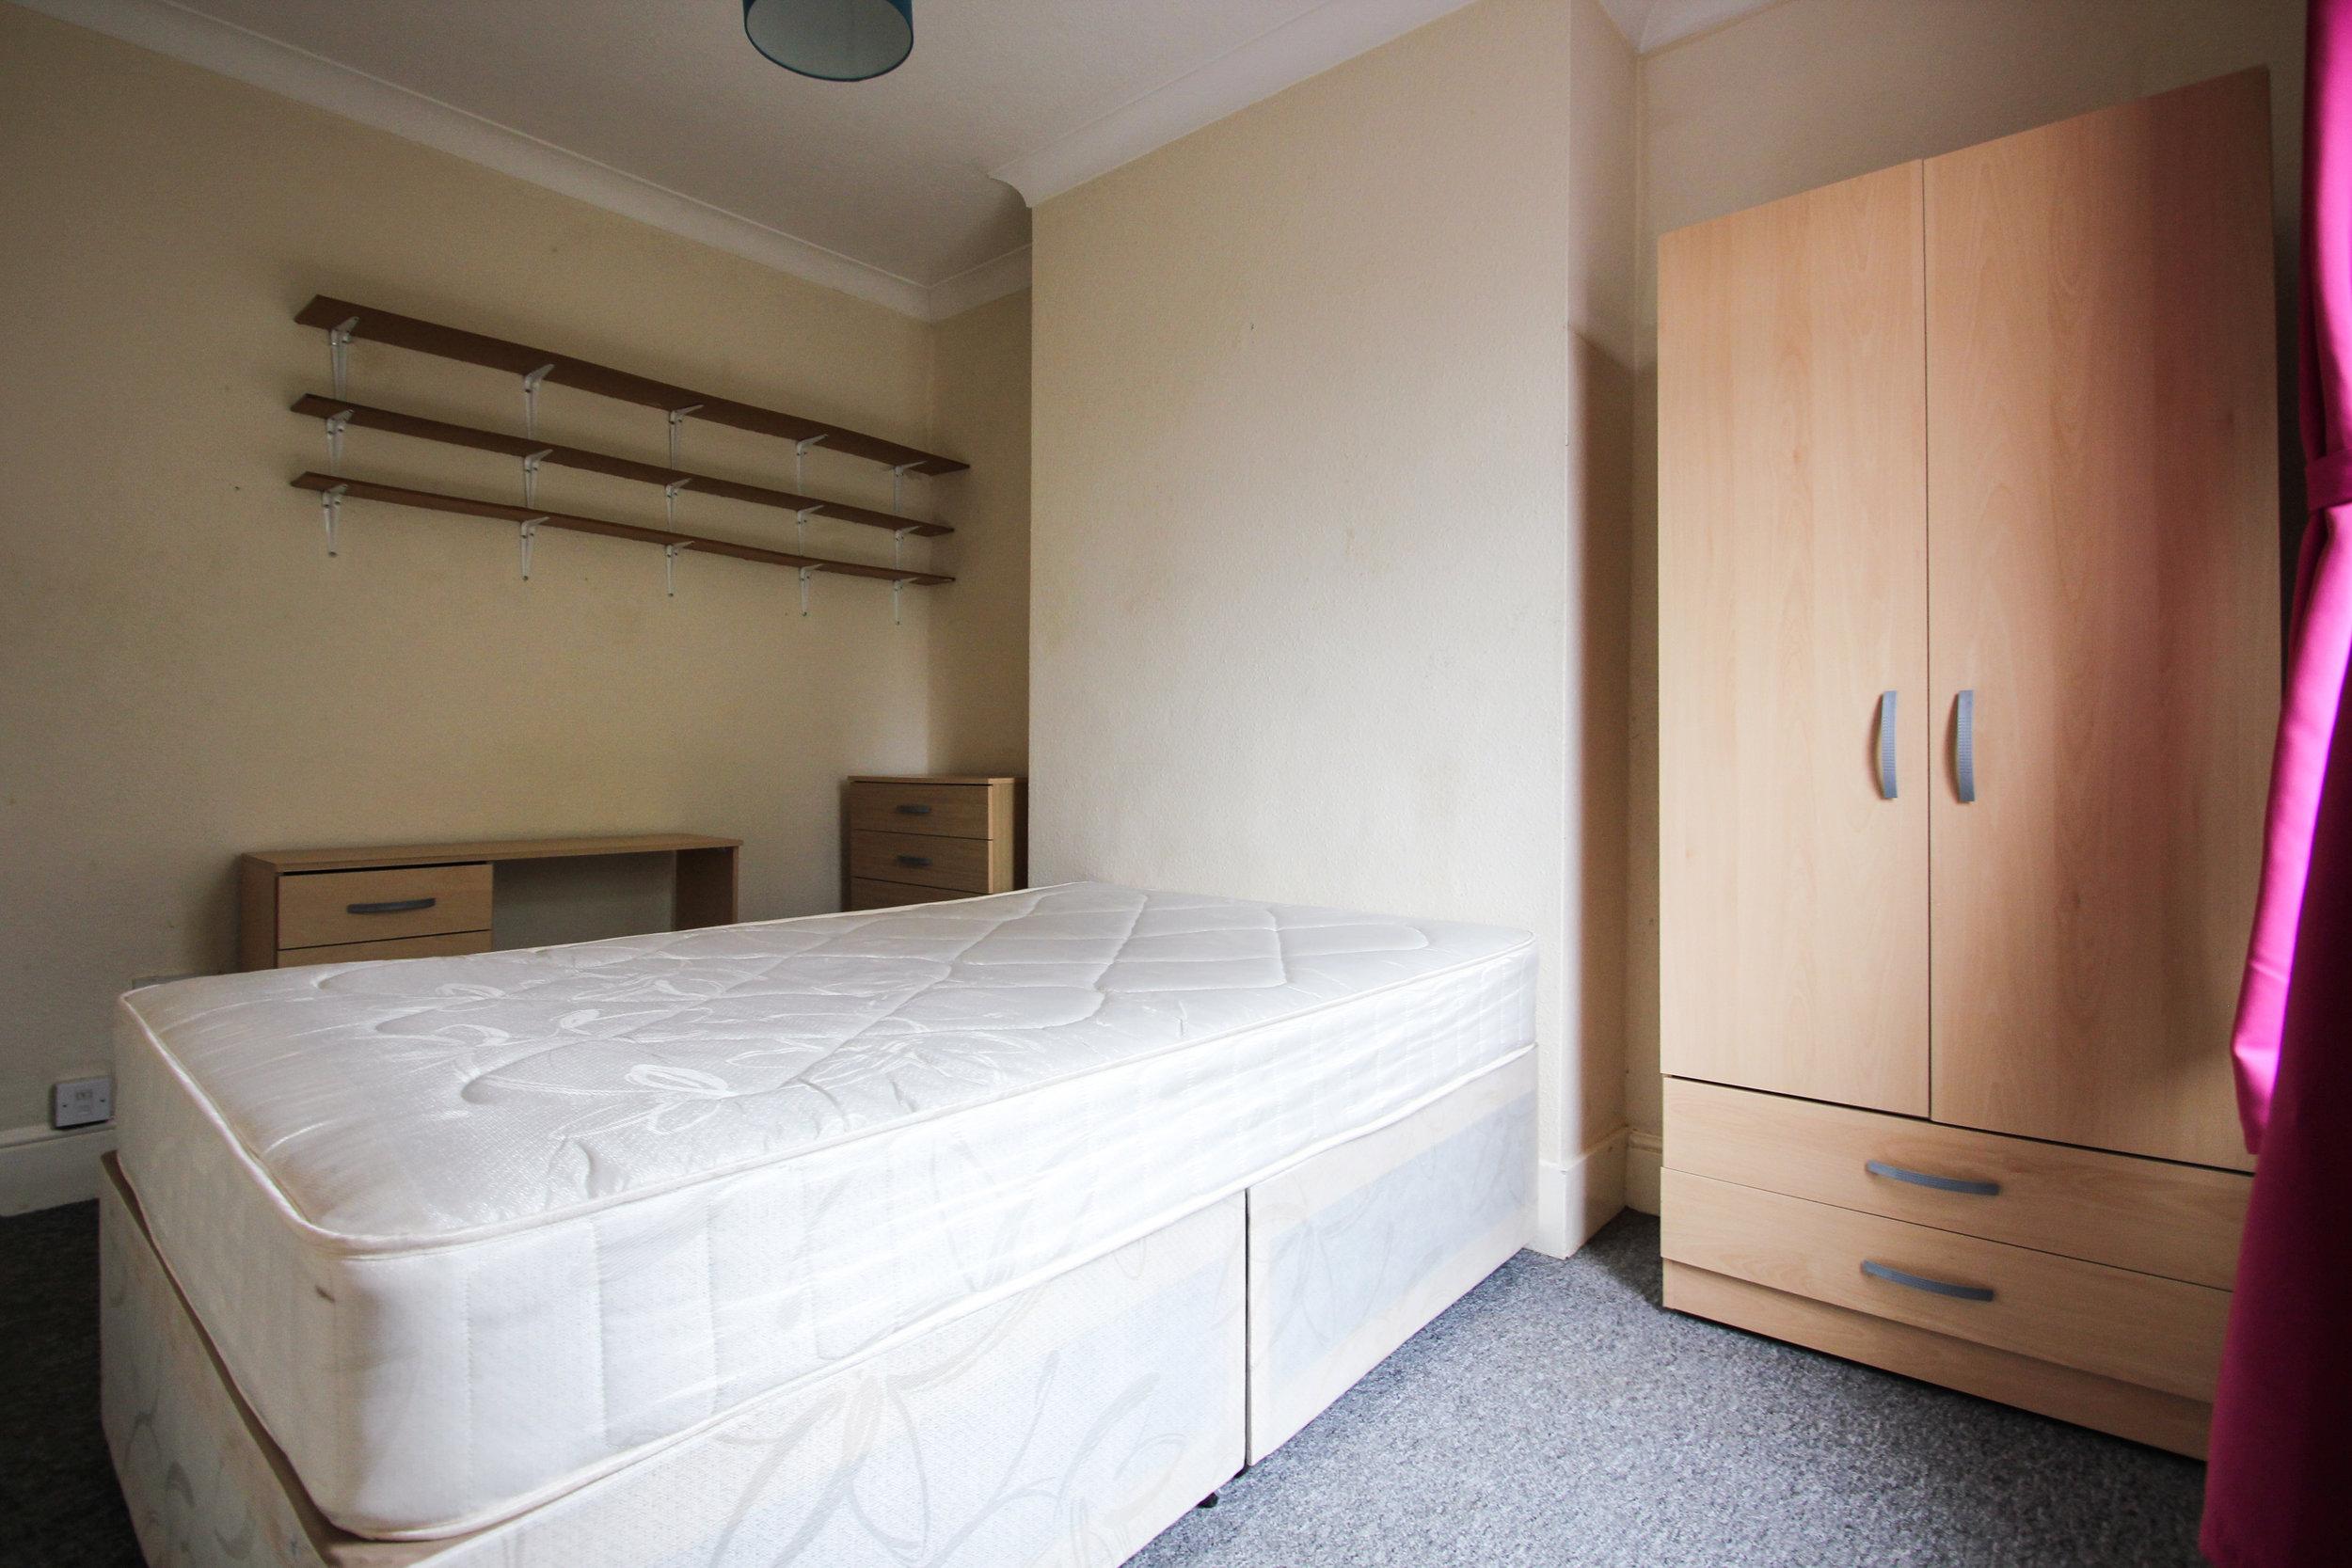 IMG_7335_edited.jpg bedroom 4.jpg